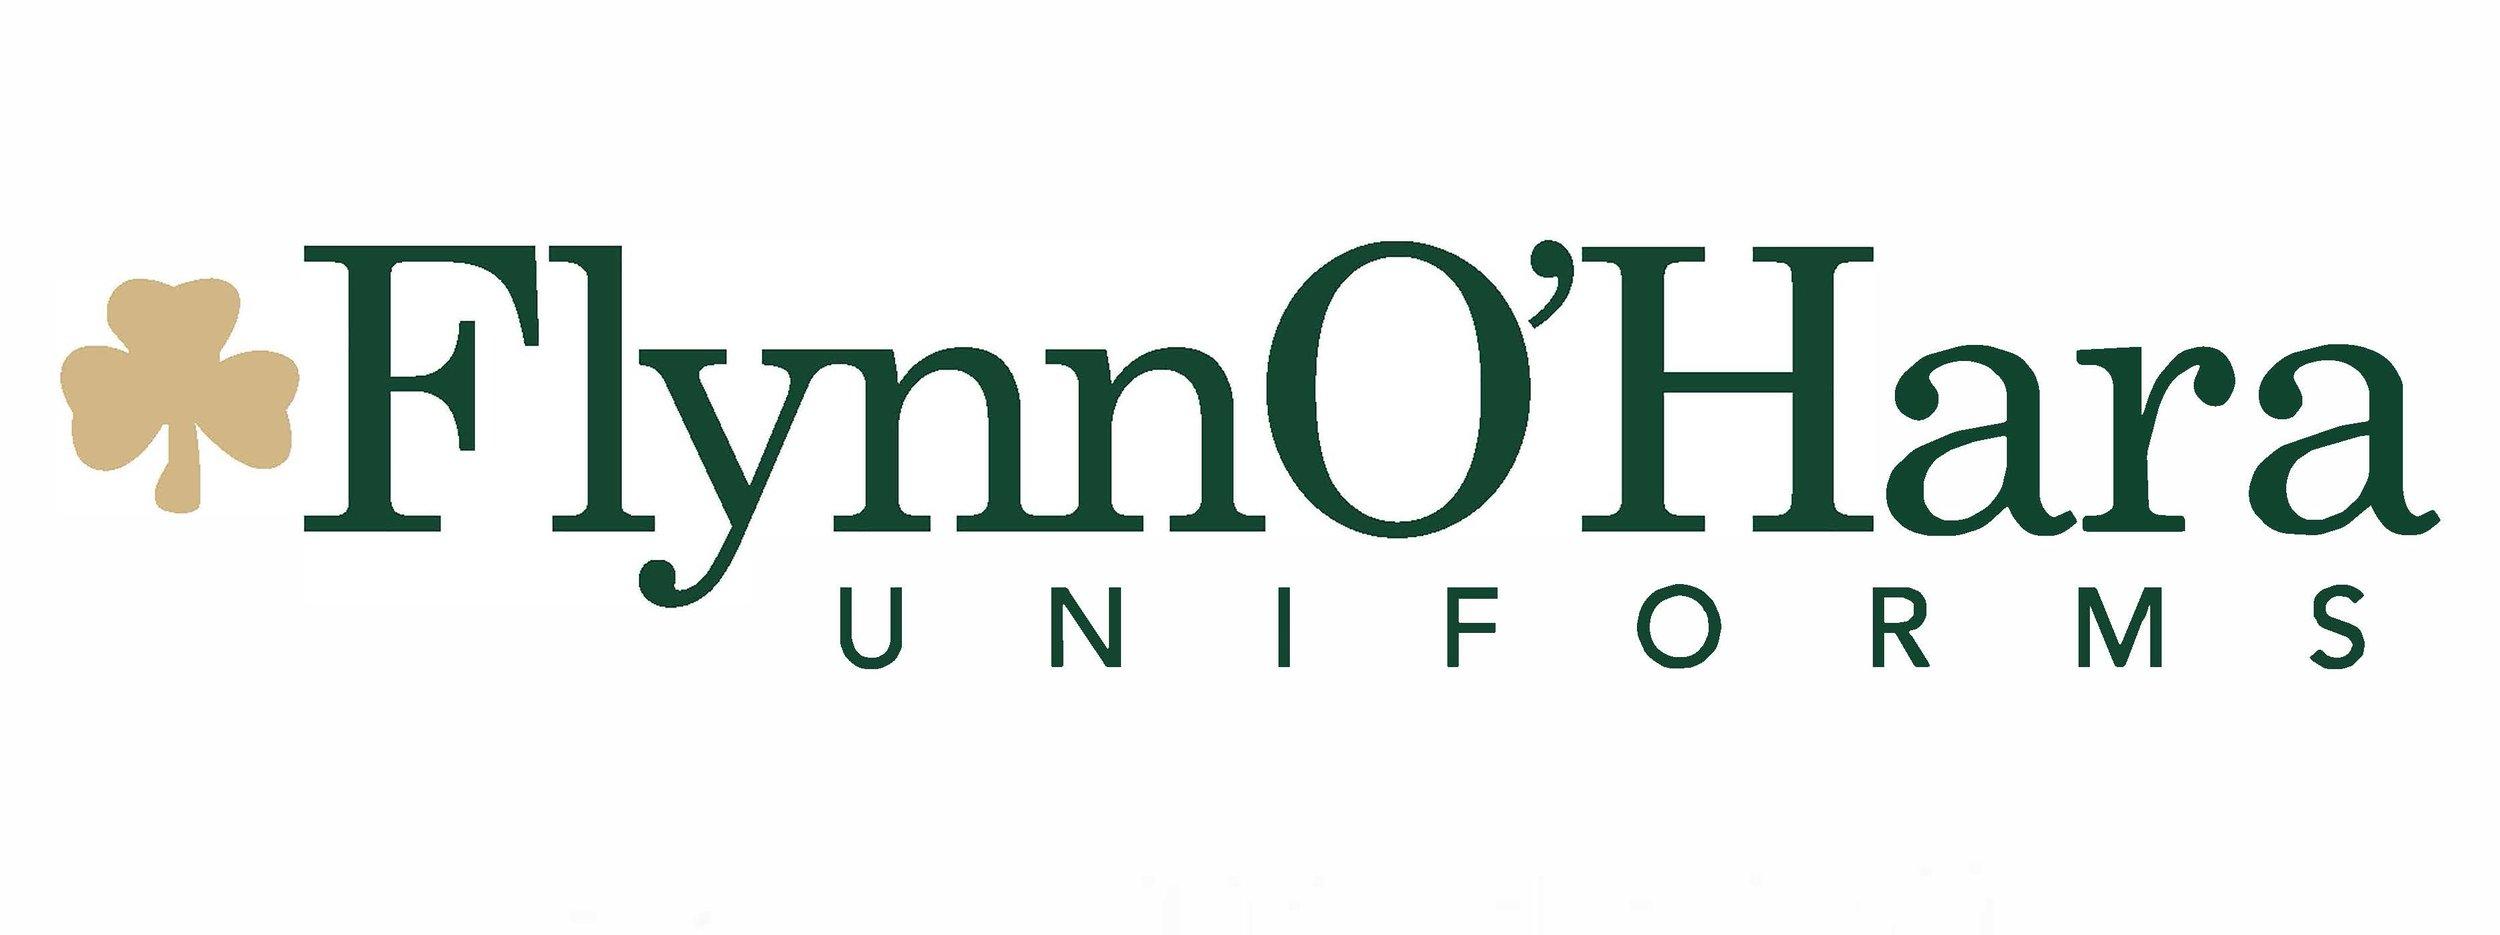 FlynnOHaraUniforms_logo.jpg